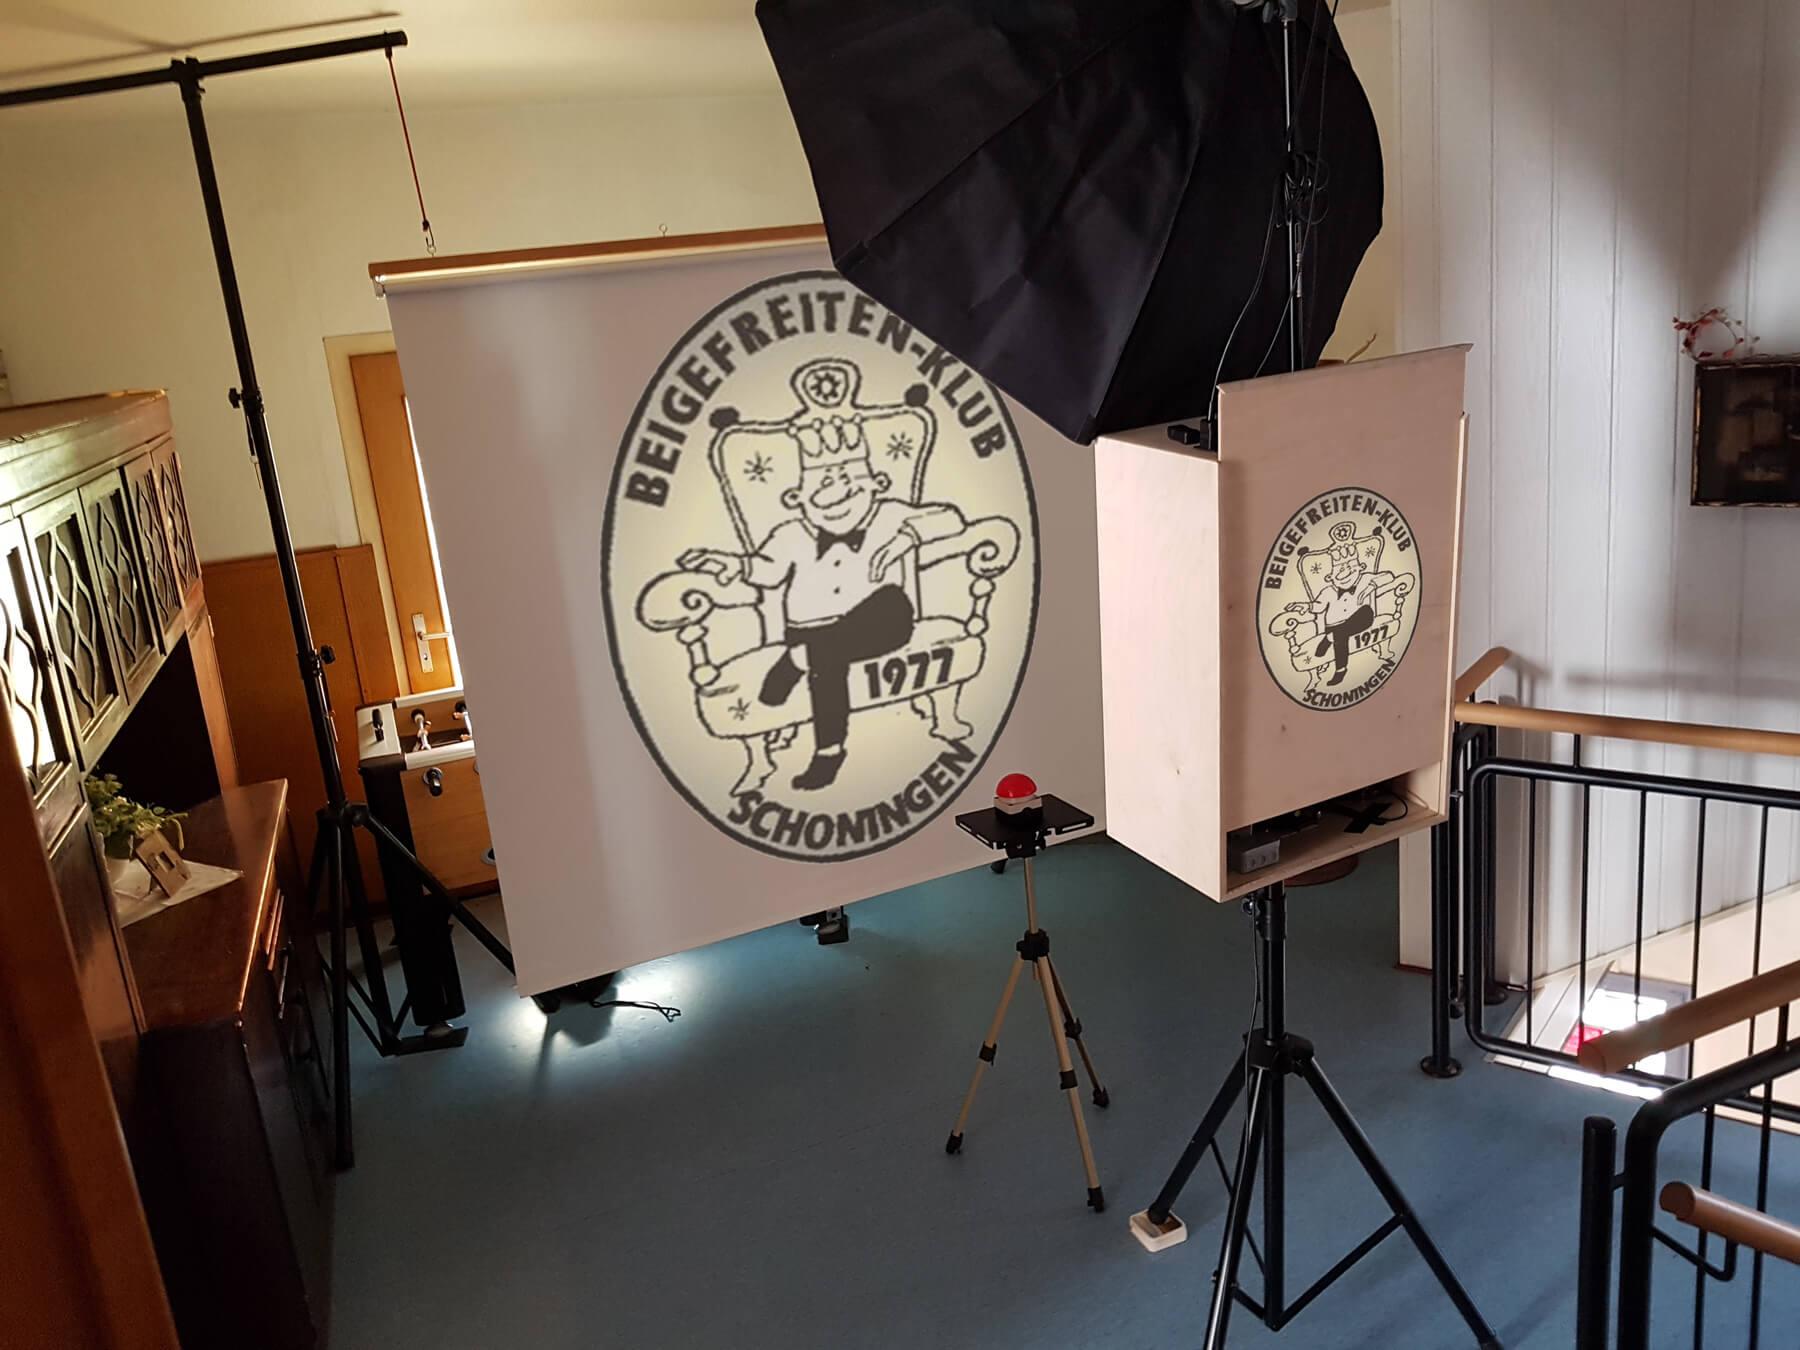 Beigefreiten-Klub Fotobox